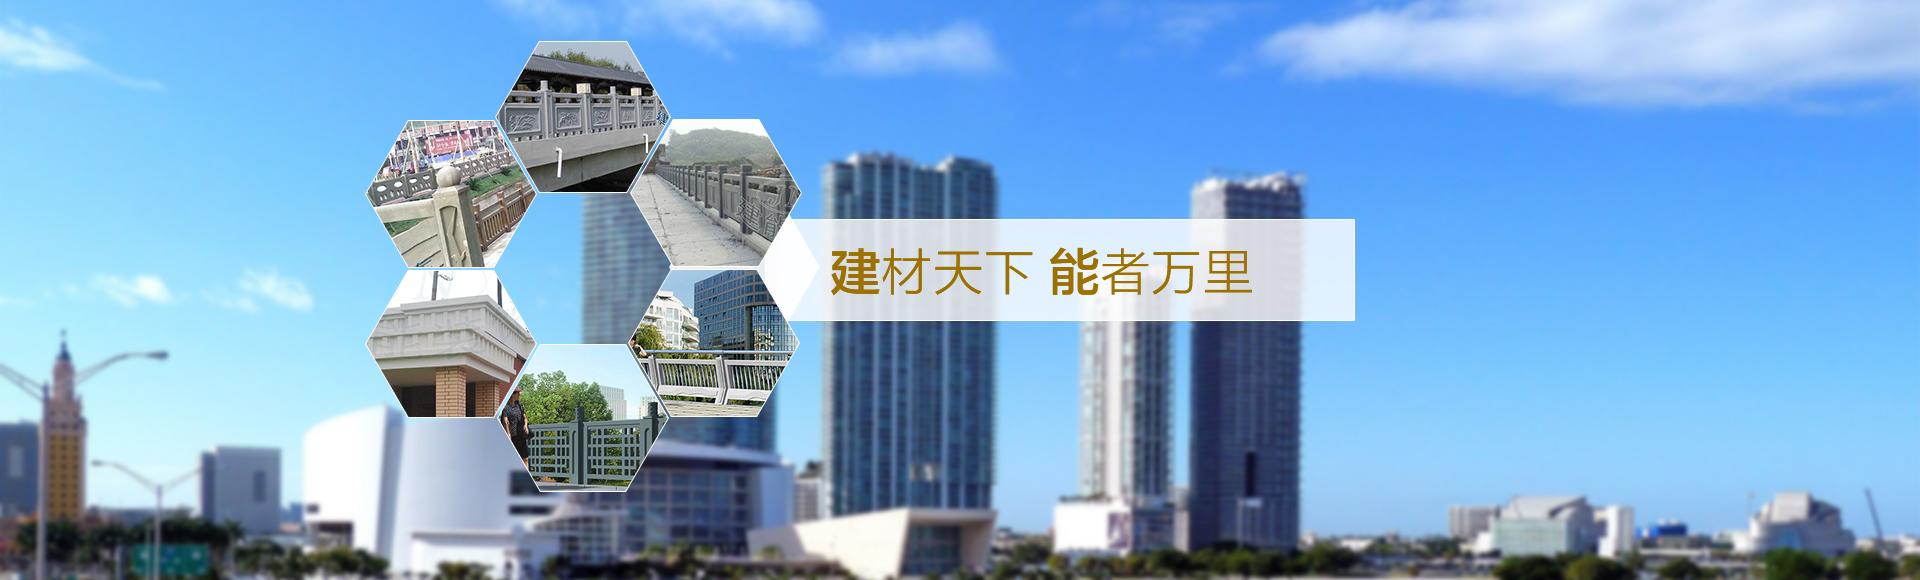 成都亚博官网下载地址装饰材料有限公司